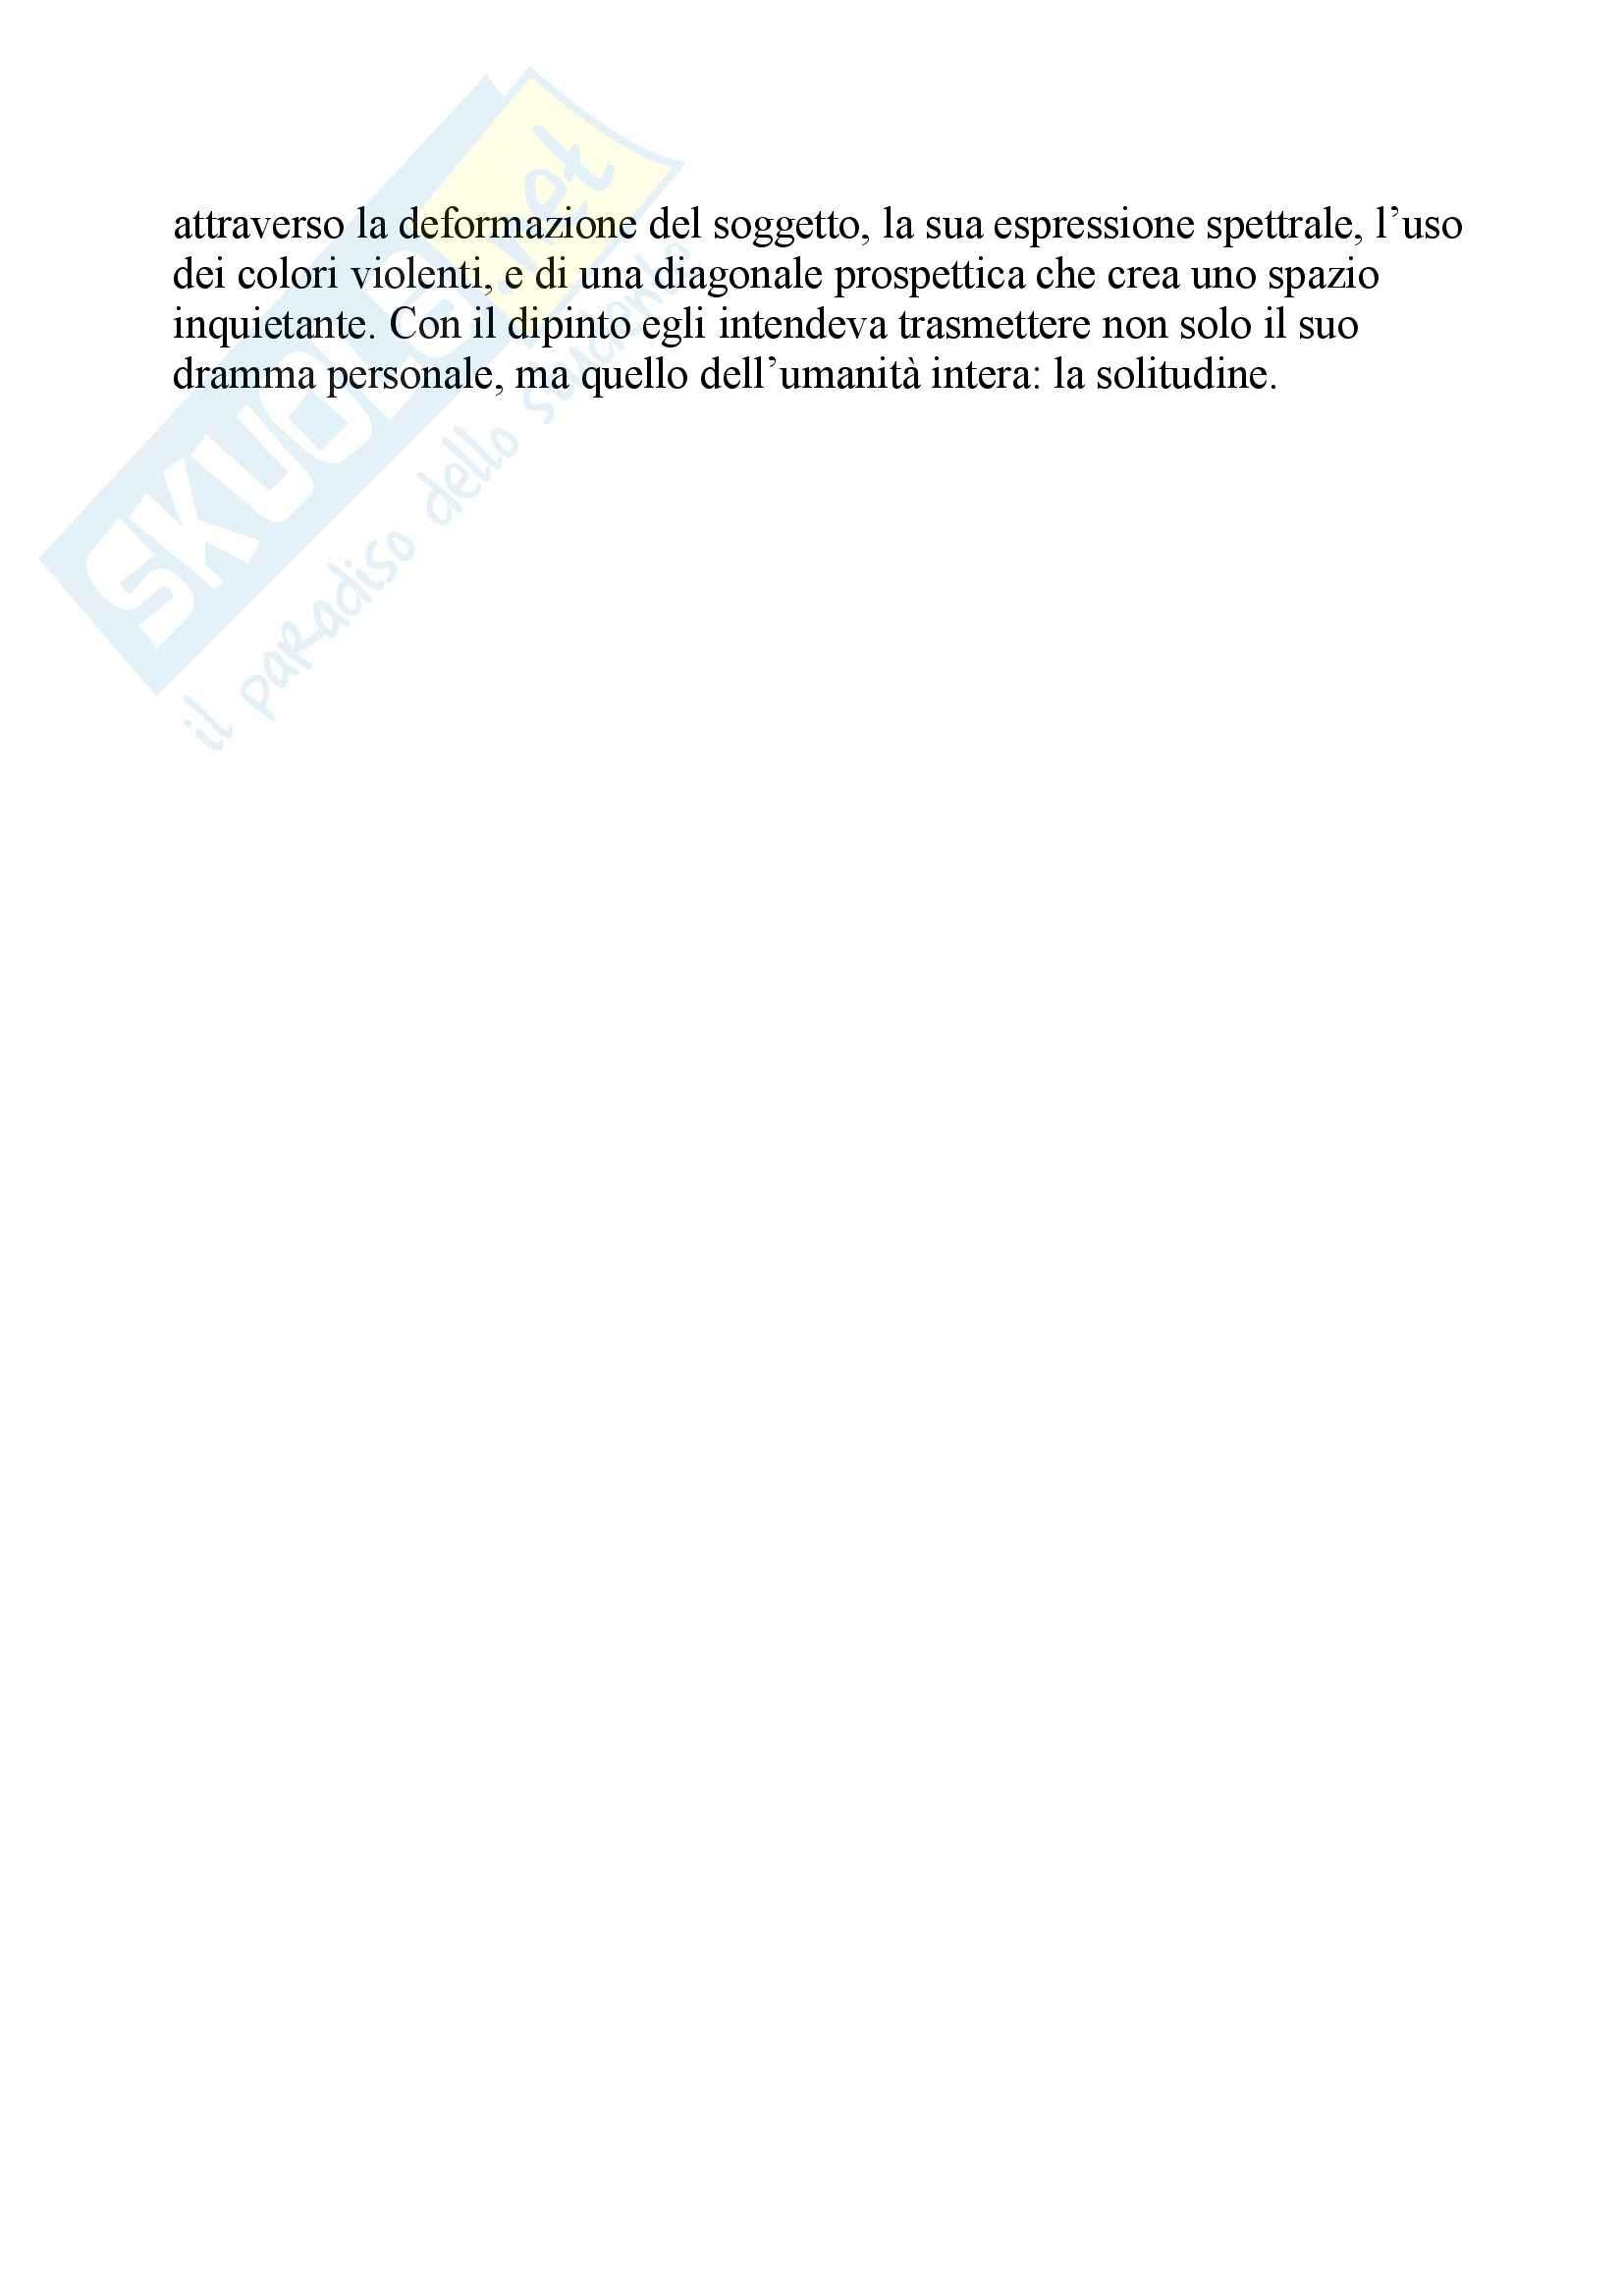 Filosofia del linguaggio - il silenzio - tesina Pag. 11